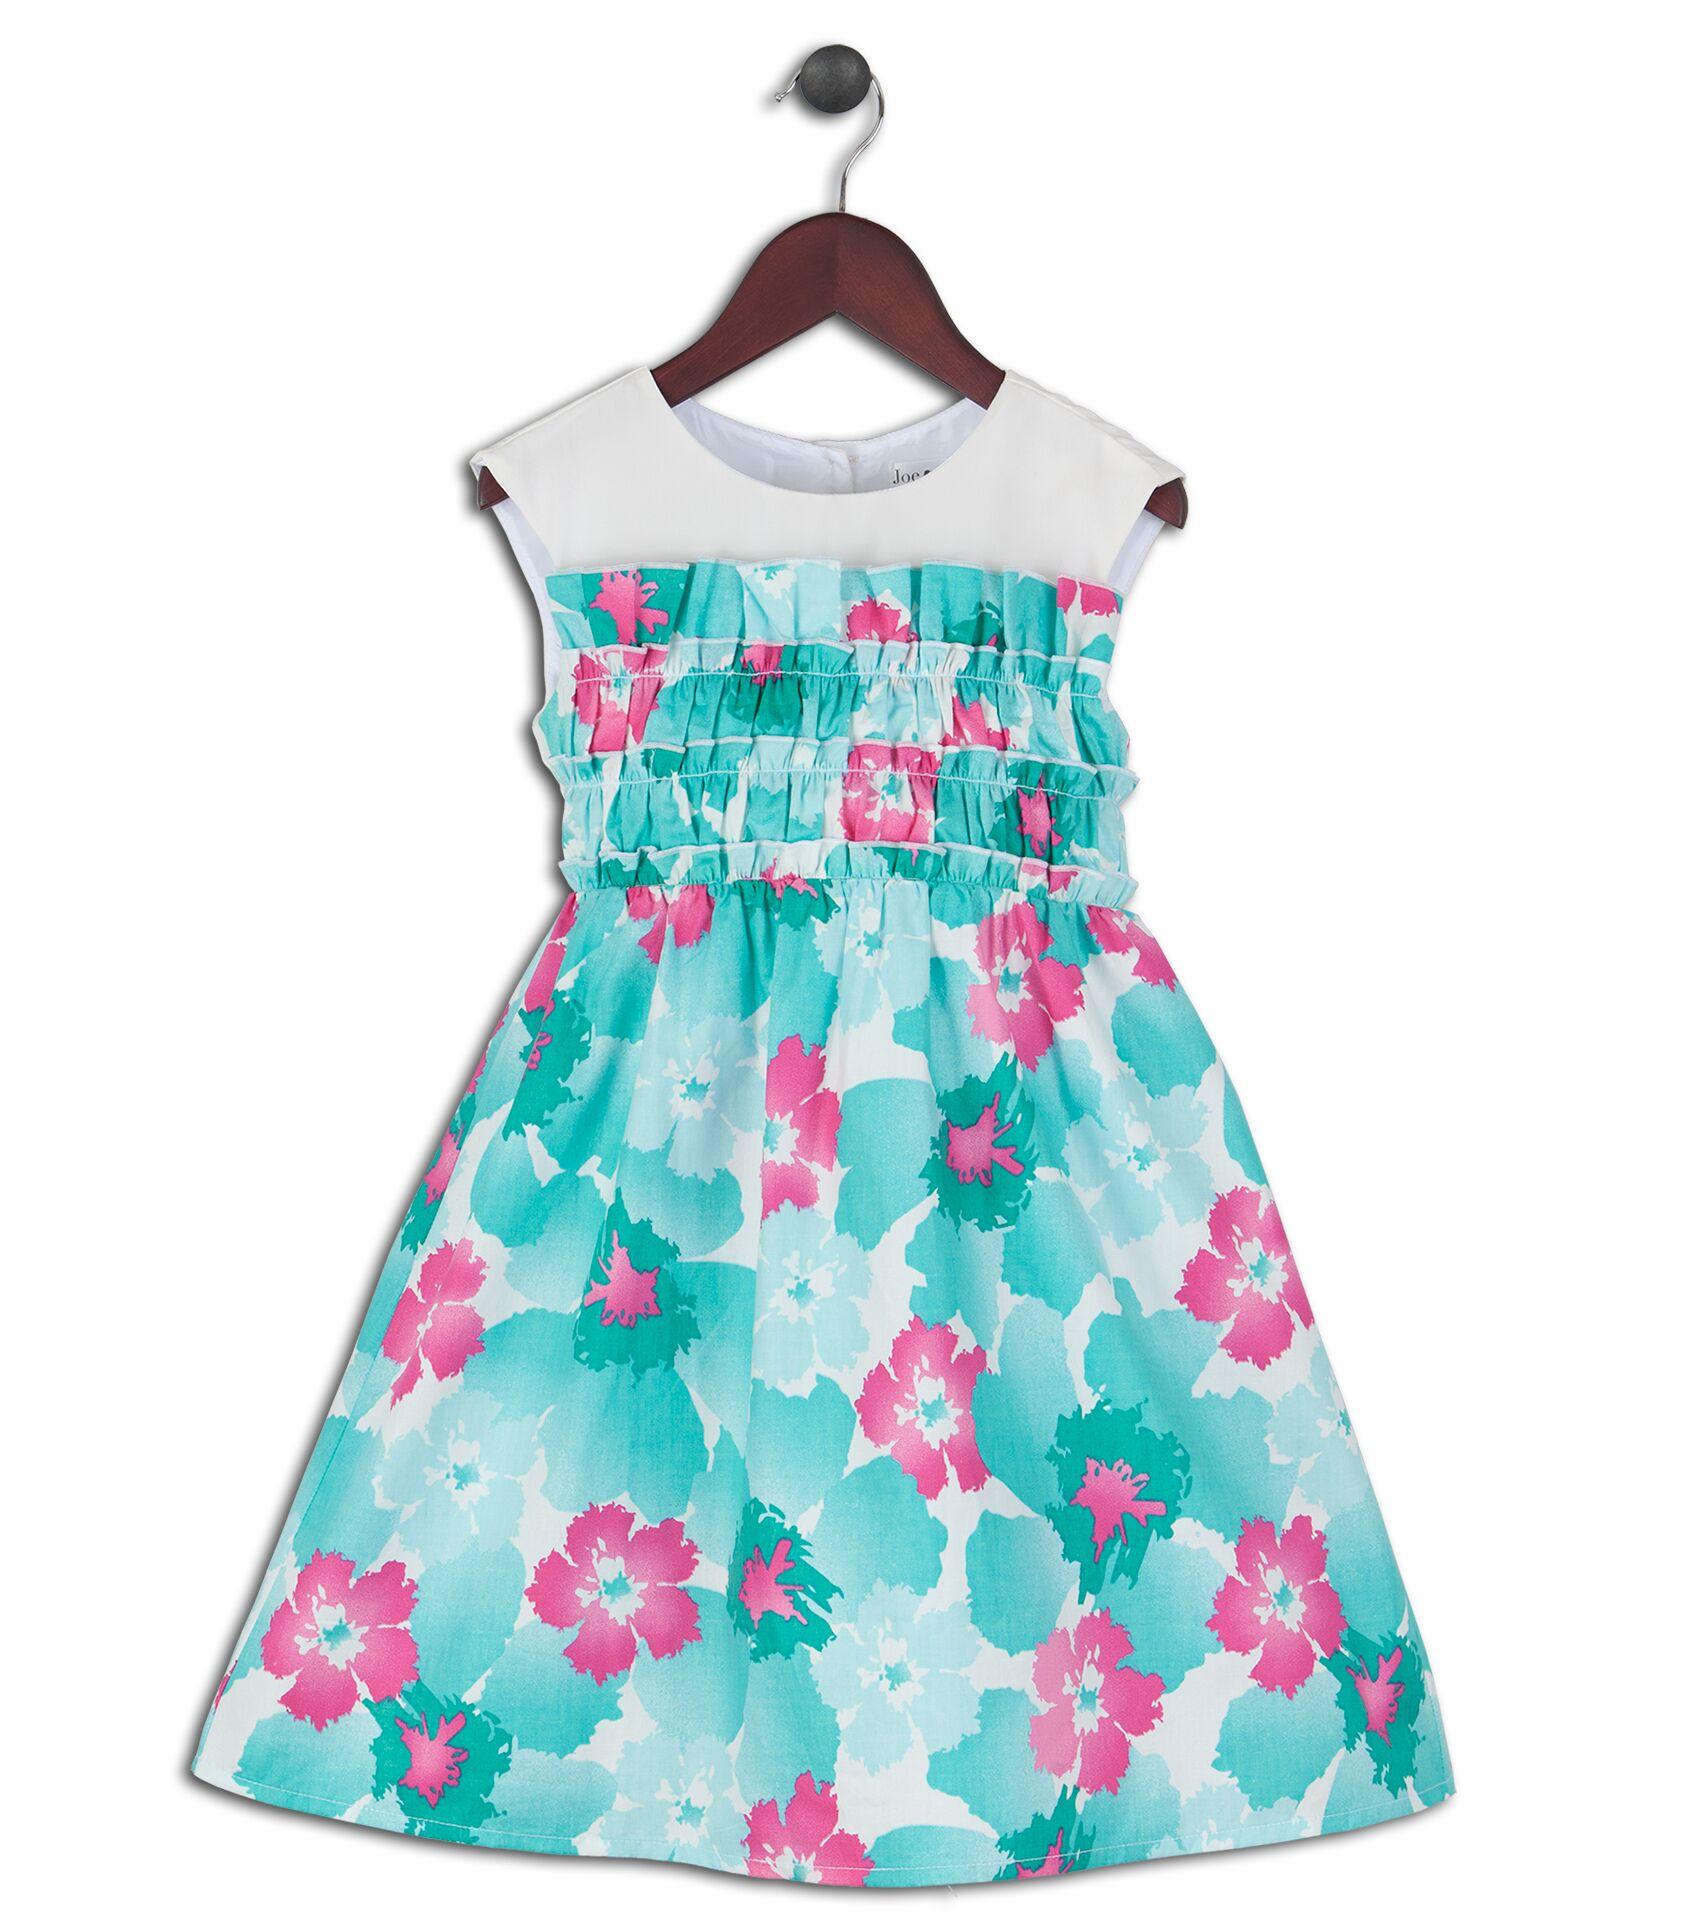 Joe and Ella Fashion Dievčenské šaty Mattia kvetinové - zeleno-ružovo-biele 2cf11e02efb